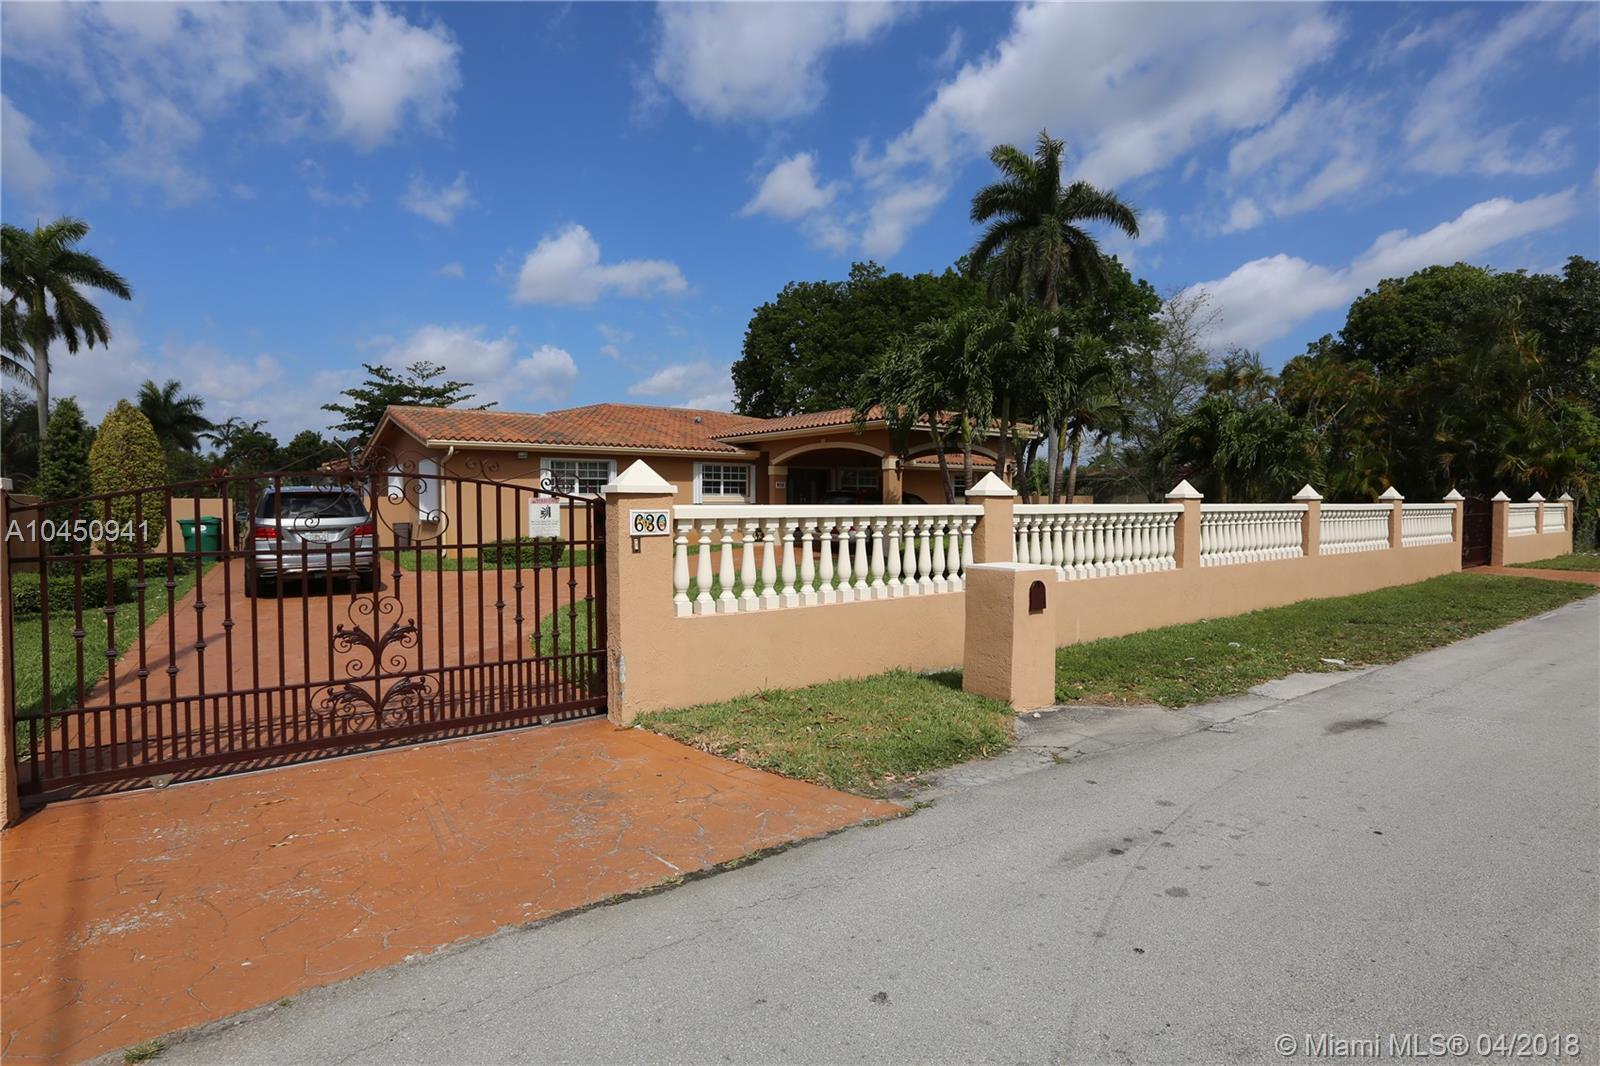 630 NW 125th Ave, Miami FL 33182